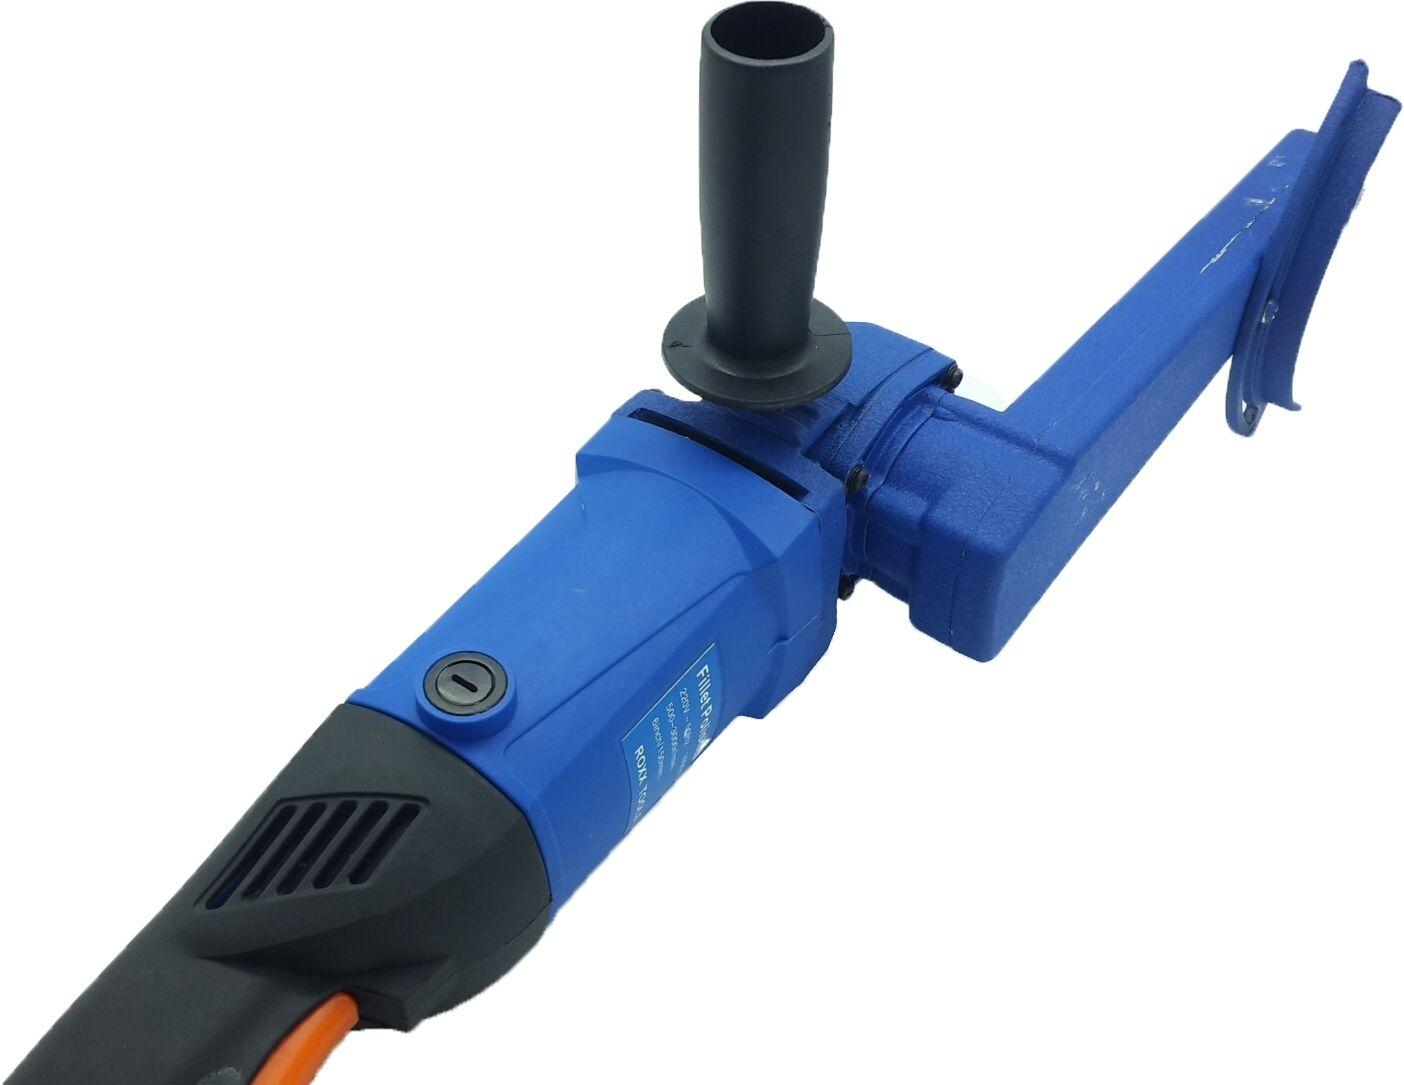 Fillet Corner Seam Weld 1000W HCG-6200 Grinder Polisher 6 Fillet Grinding Disc